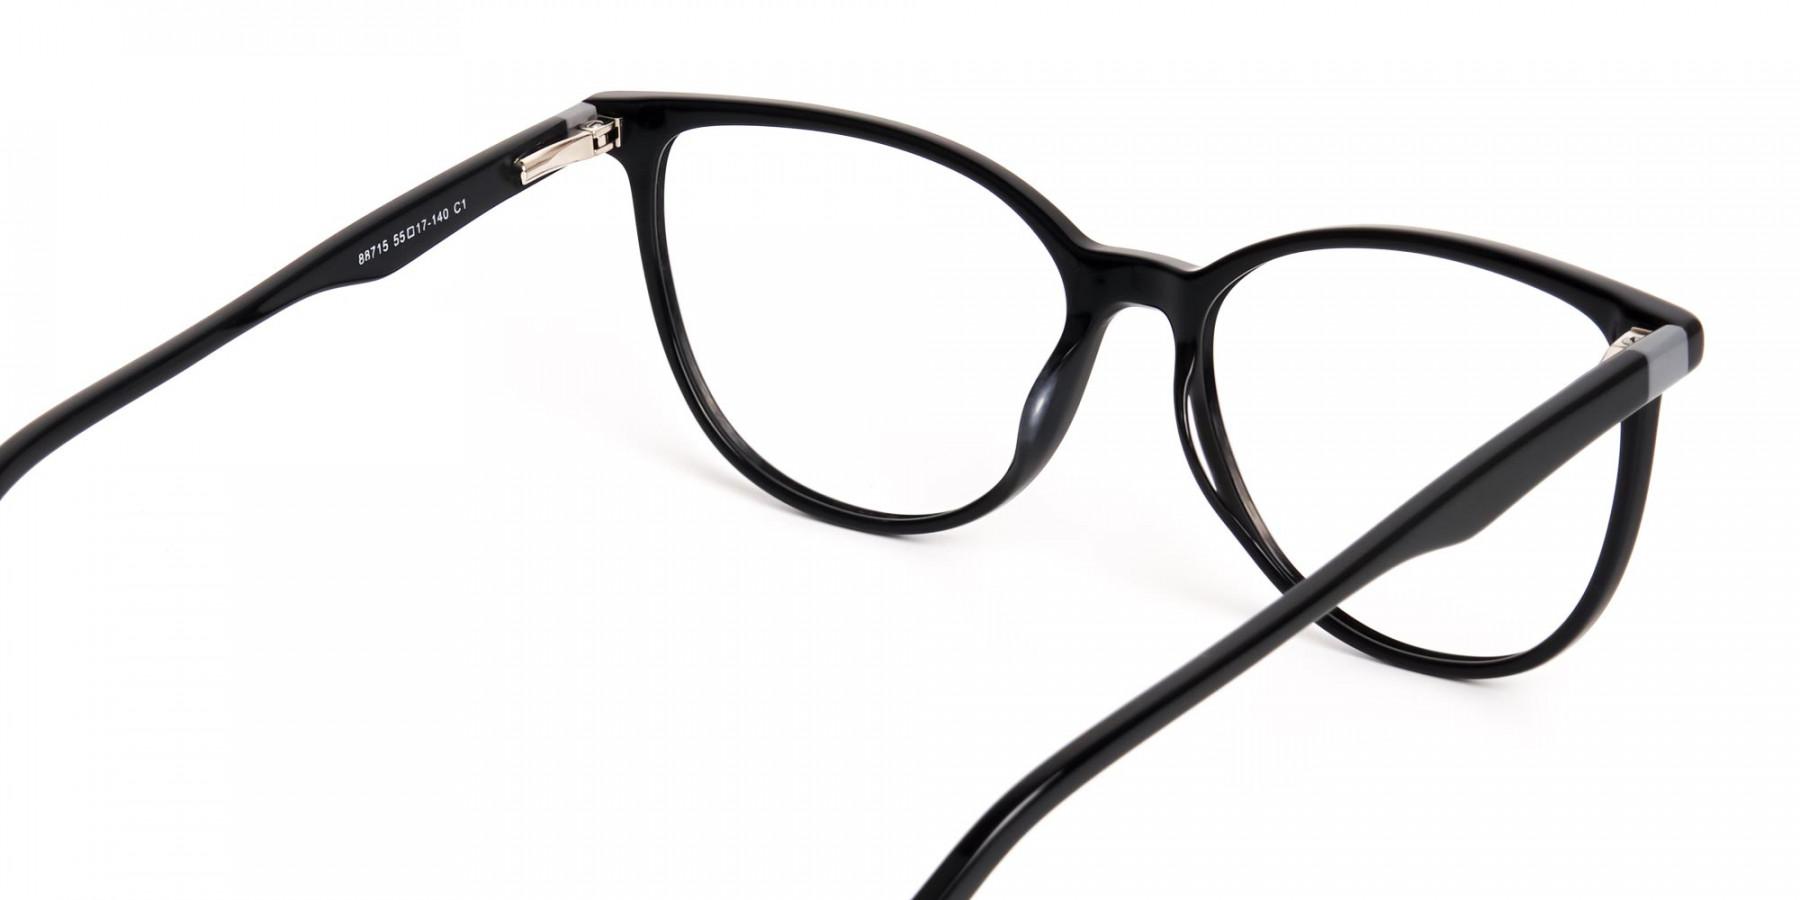 Glossy-Black-Cat-eye-Glasses-Frames-1